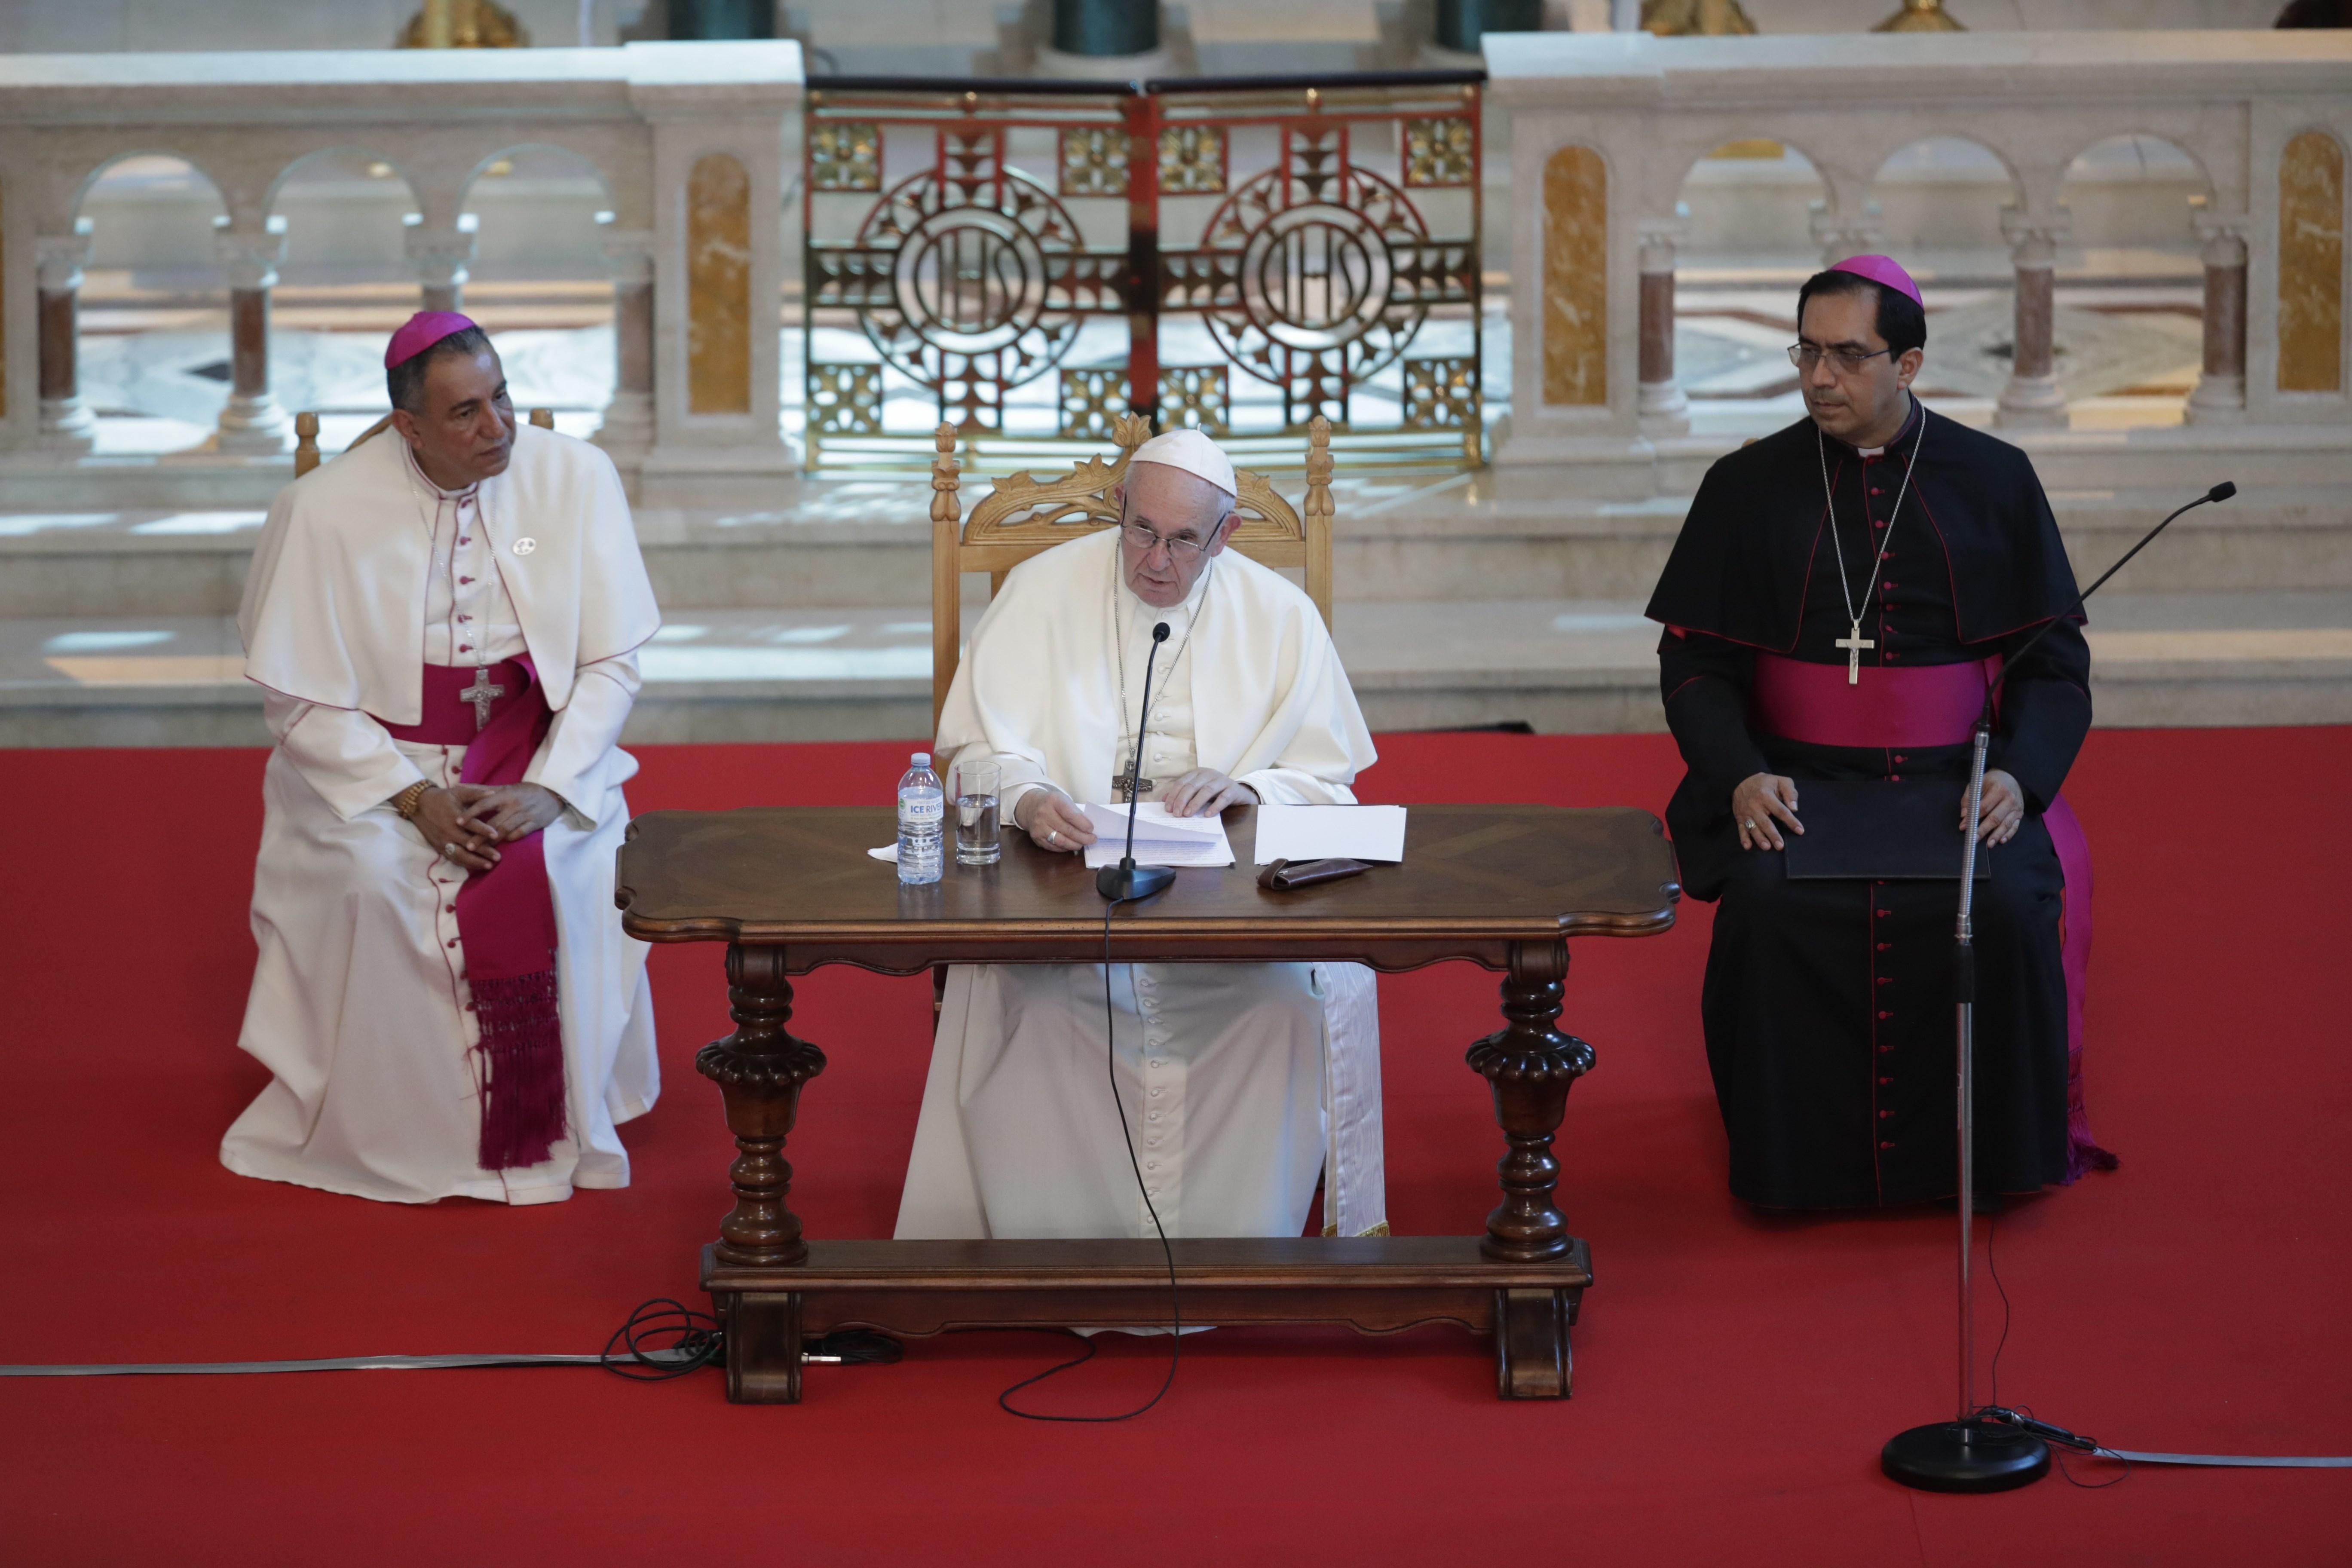 El papa Francisco se reunió con los obispos de Centroamérica en la iglesia San Francisco de AsÍs. (Foto Prensa Libre. EFE)